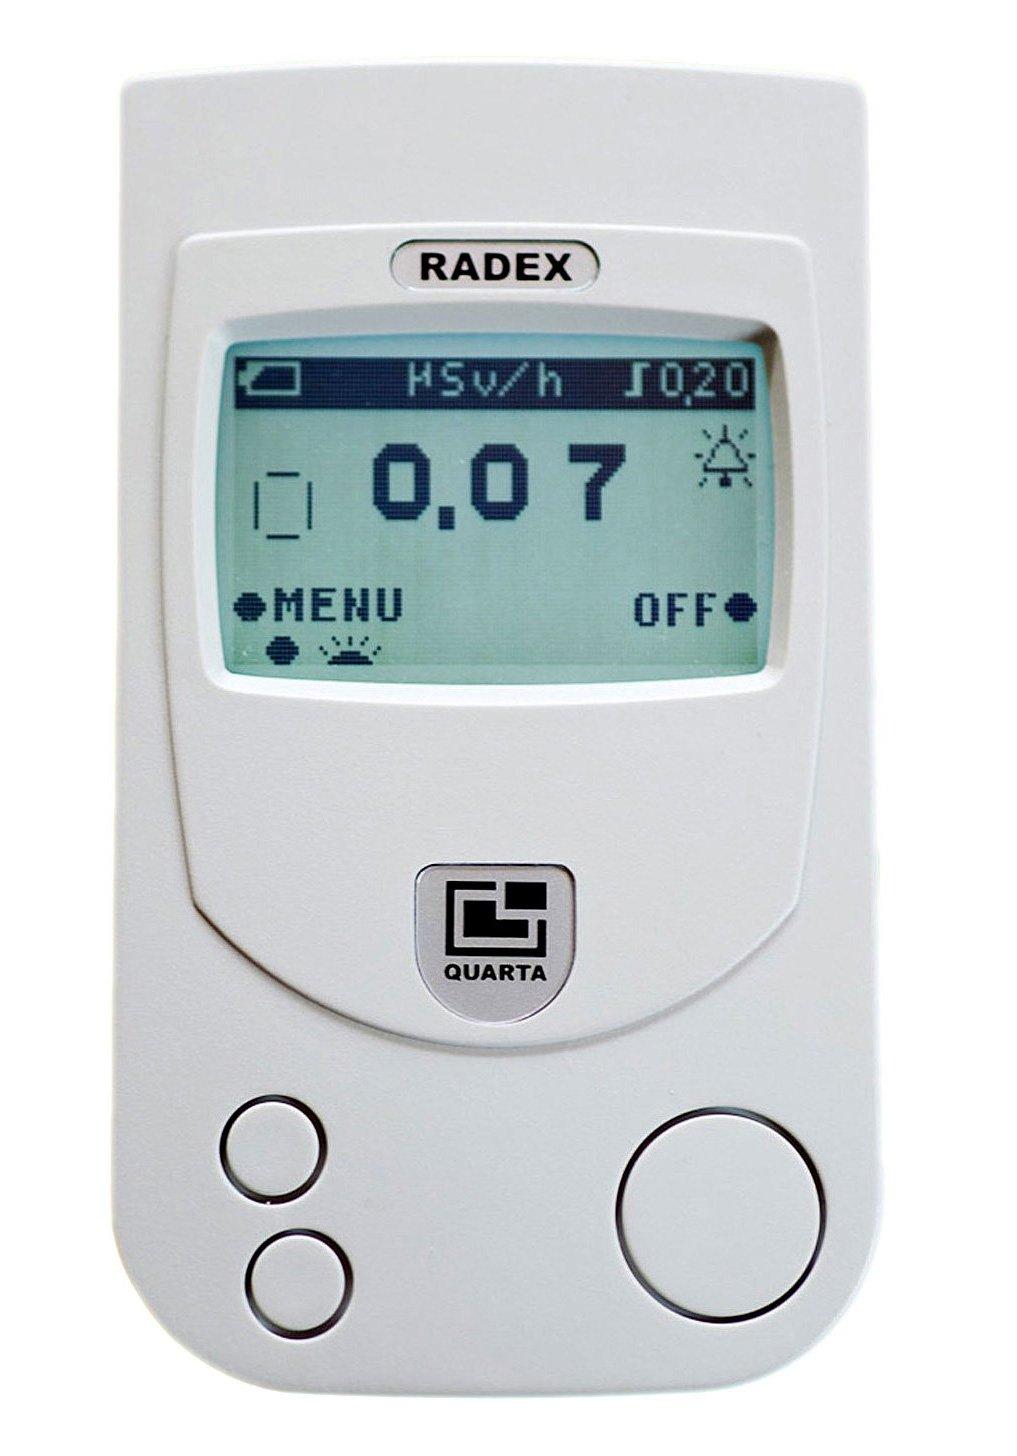 RADEX RD W O Dosímetro: alta precisión contador Geiger detector de radiación